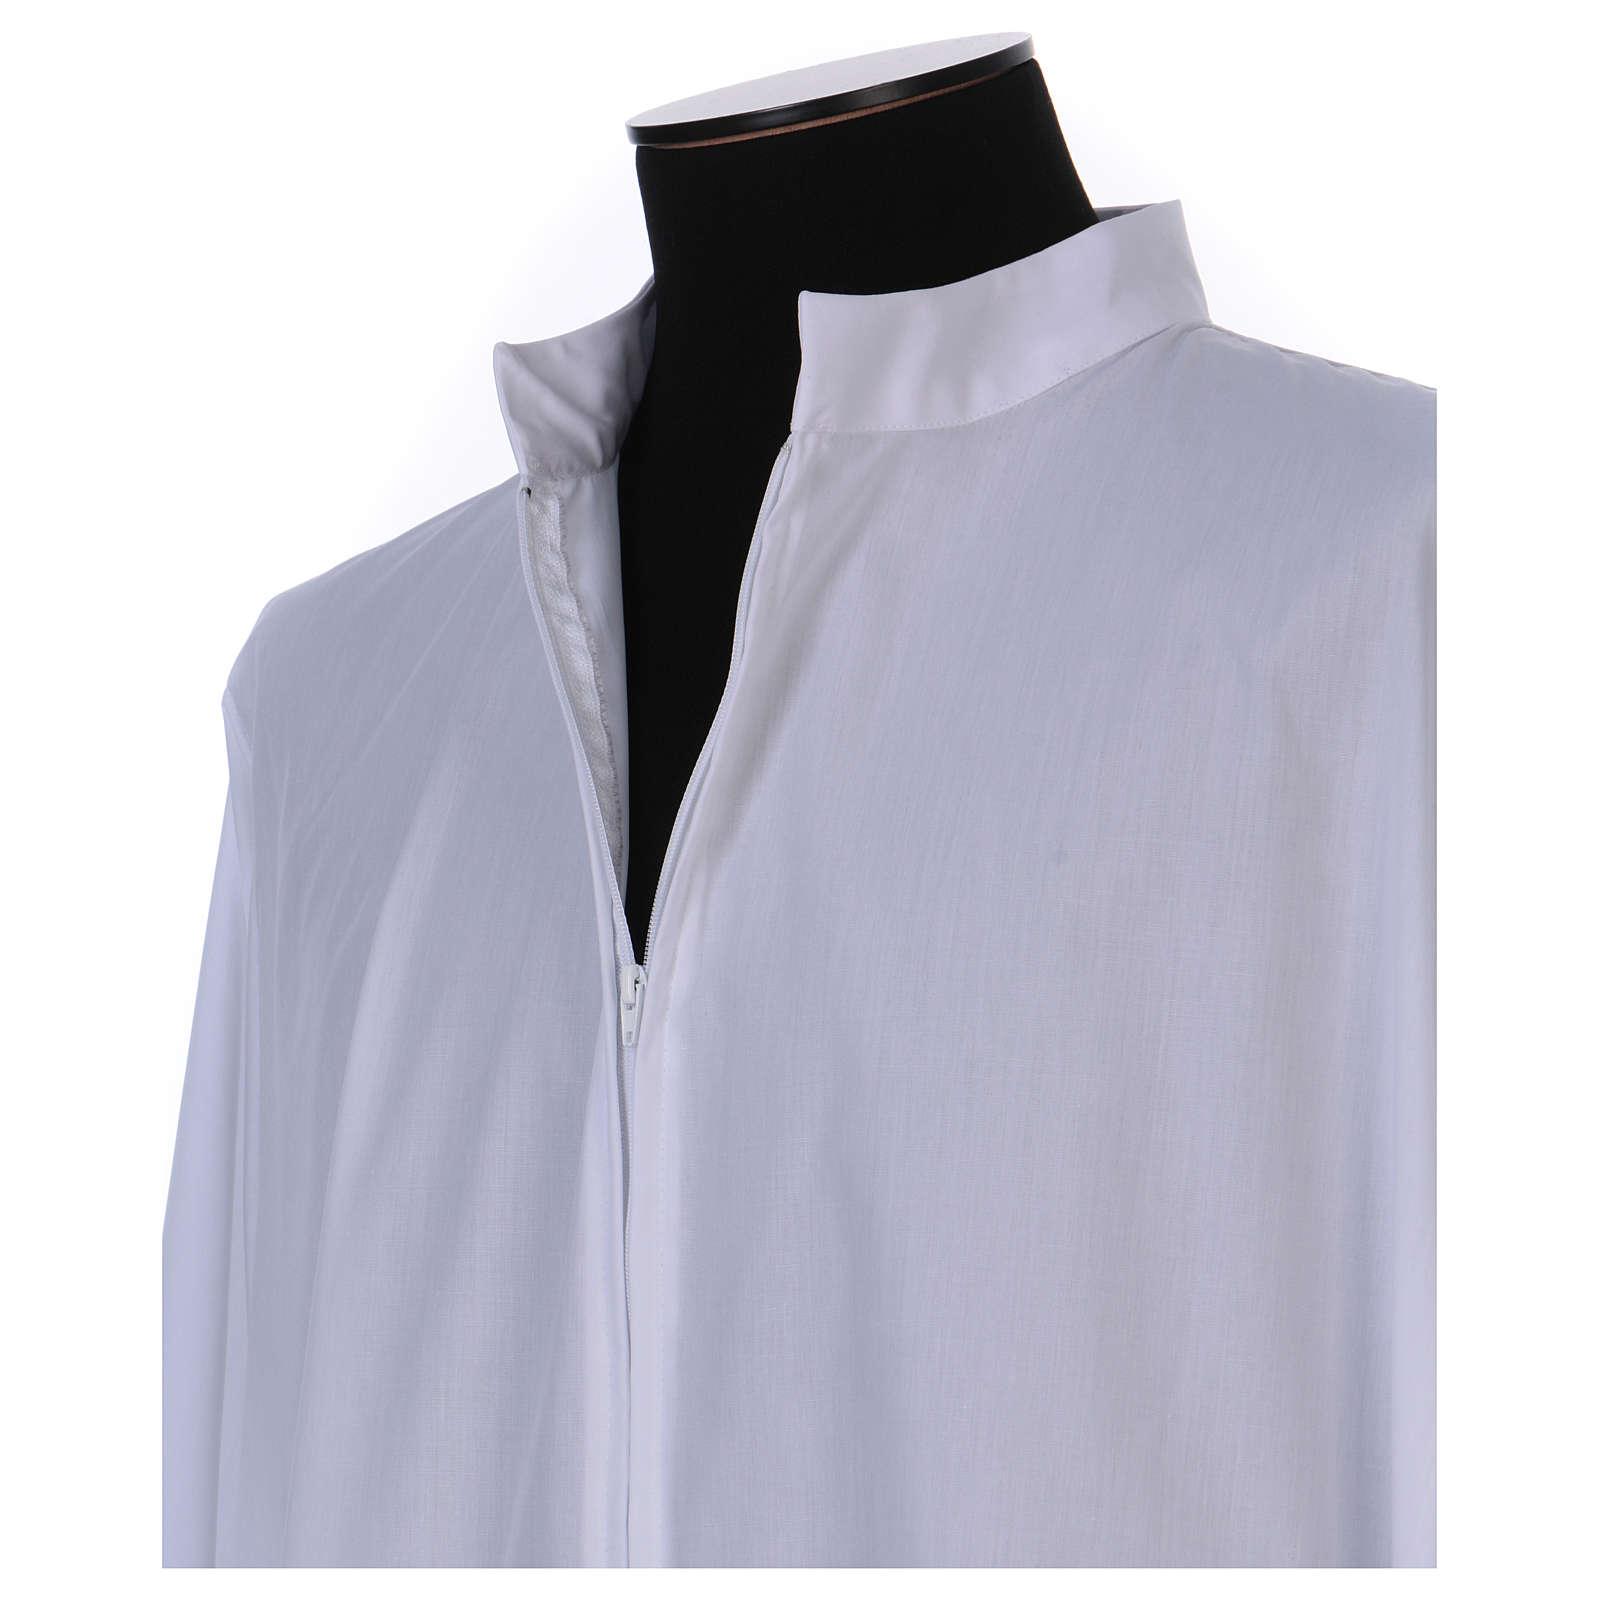 Camice bianco 65% poliestere 35% cotone cerniera davanti 4